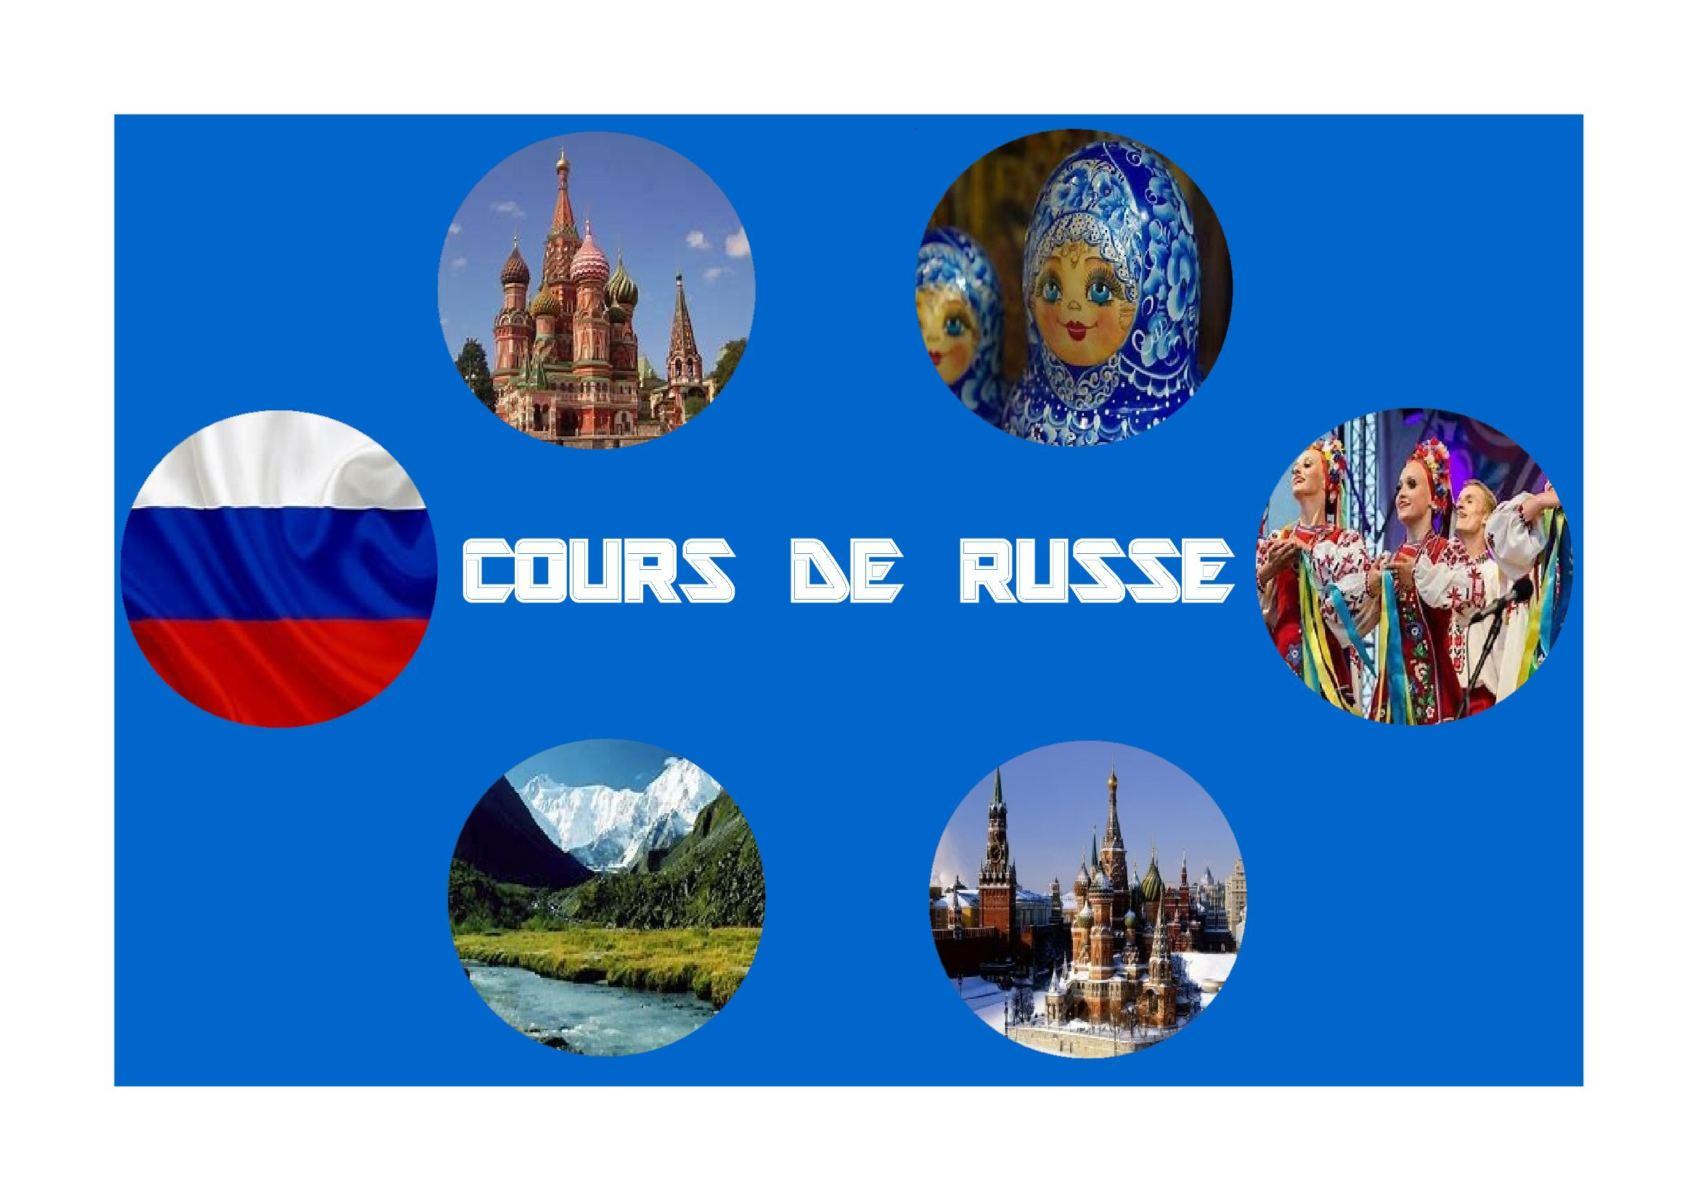 ACAD - Activités culturelles Russe